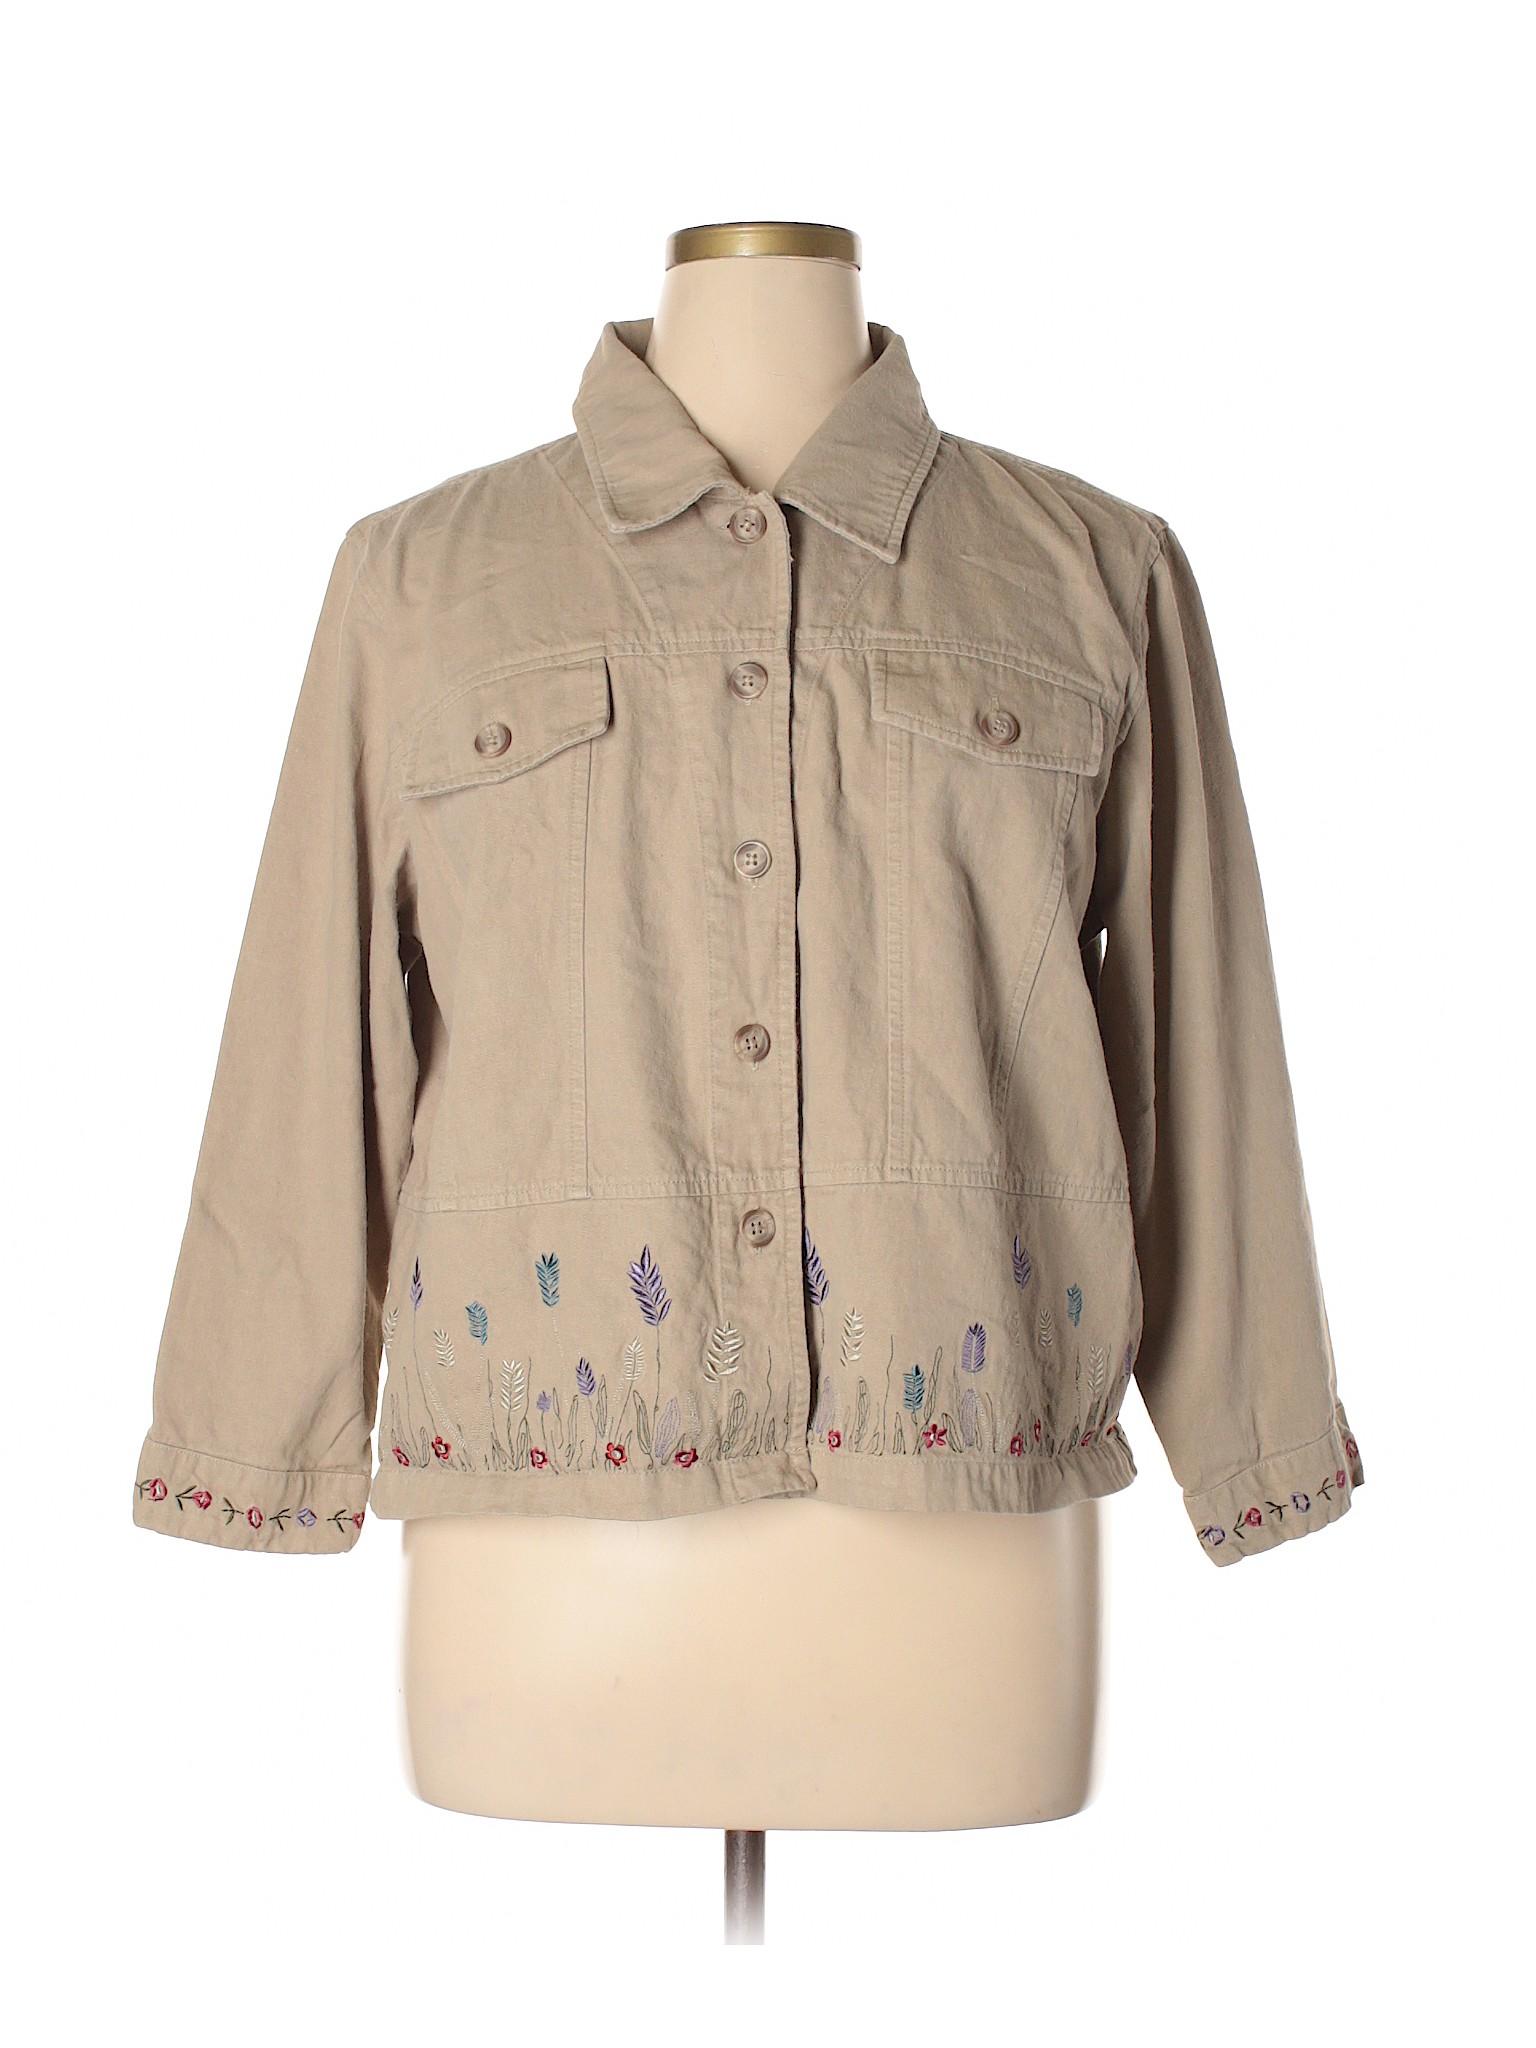 Boutique Co Jacket Denim Boutique Jacket Co Denim PFUzUq